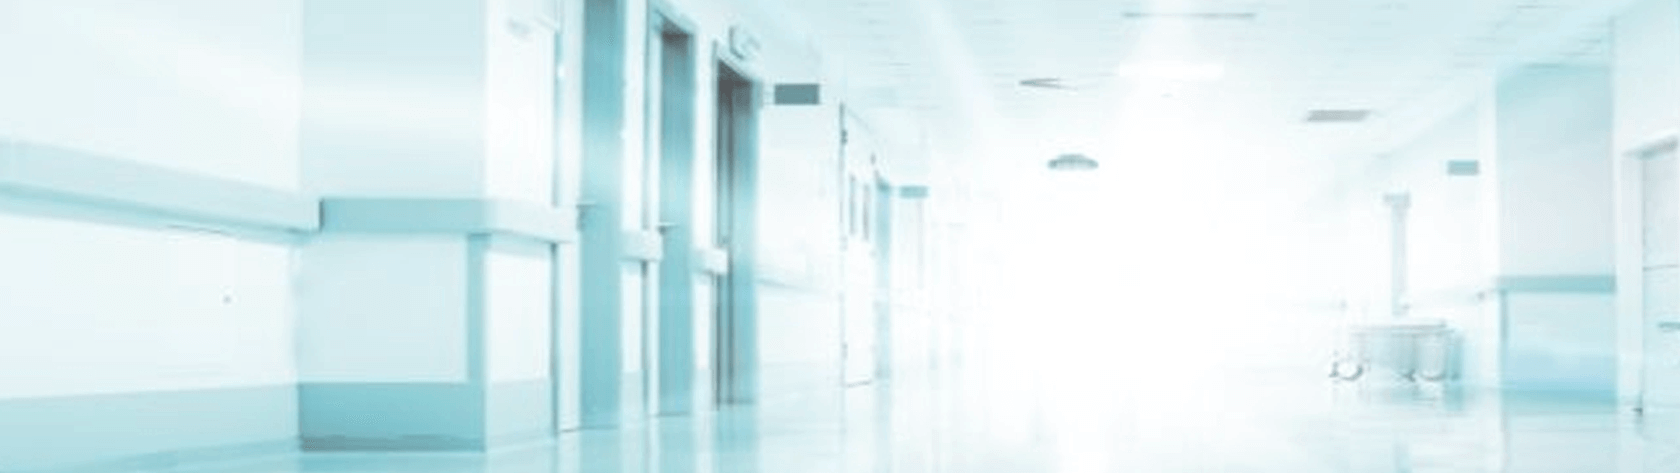 Teleradiology Solutions bg2